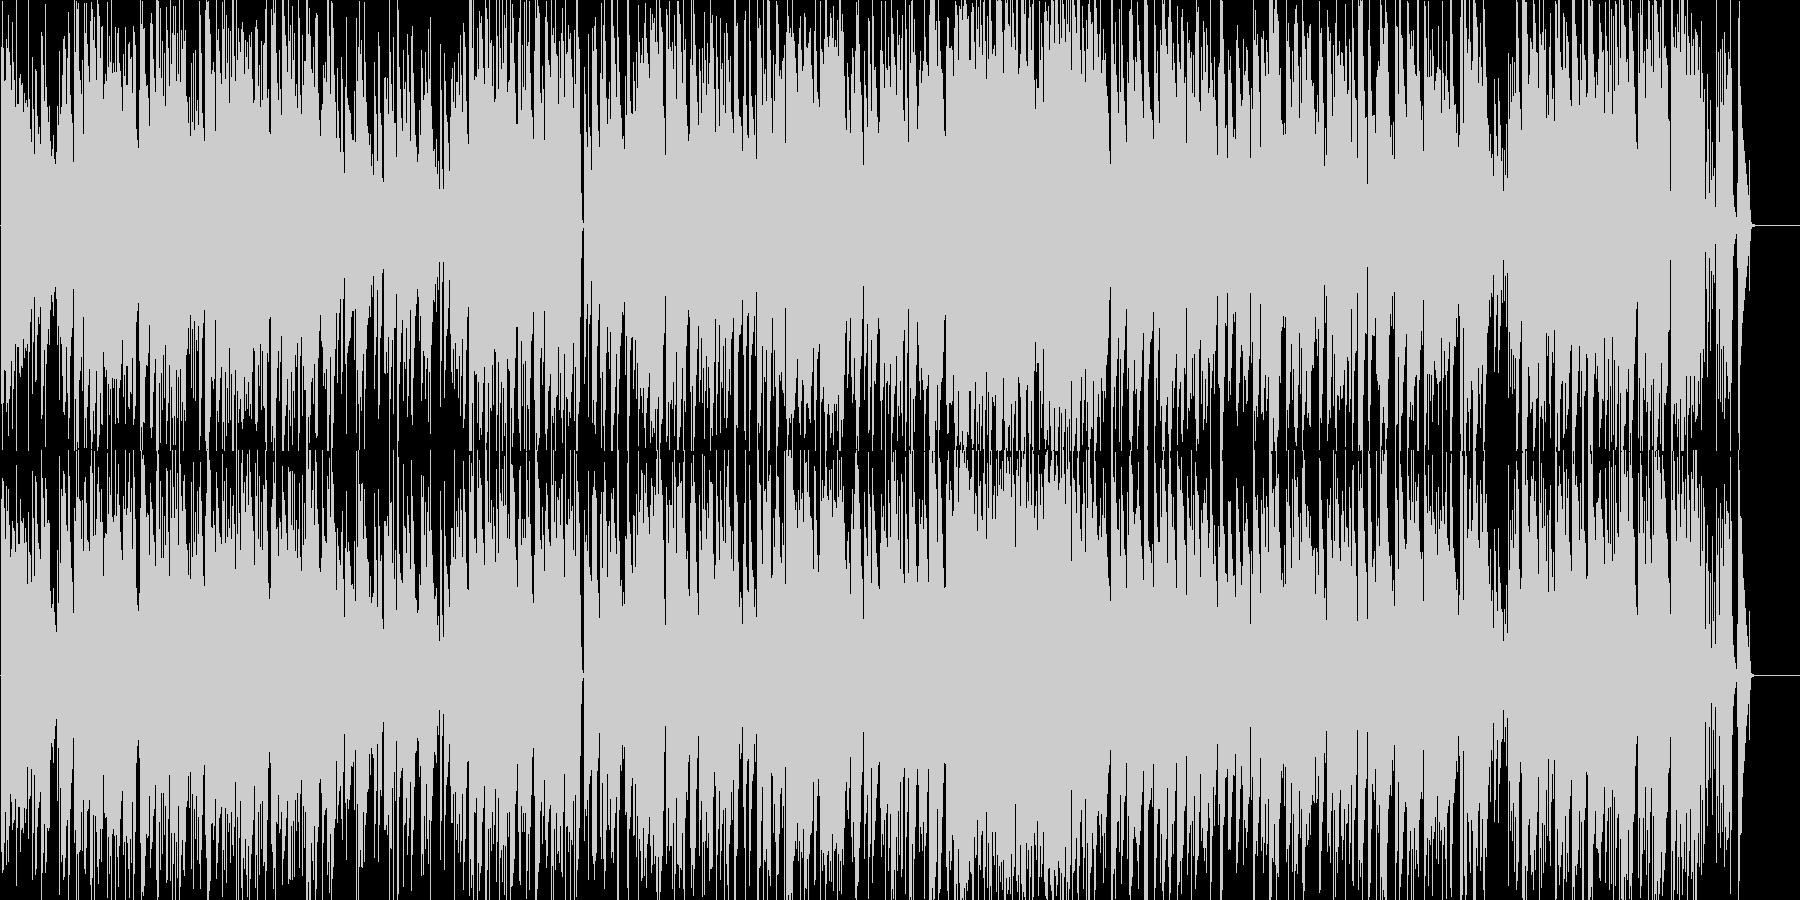 クラシカルでかわいいポップスの未再生の波形